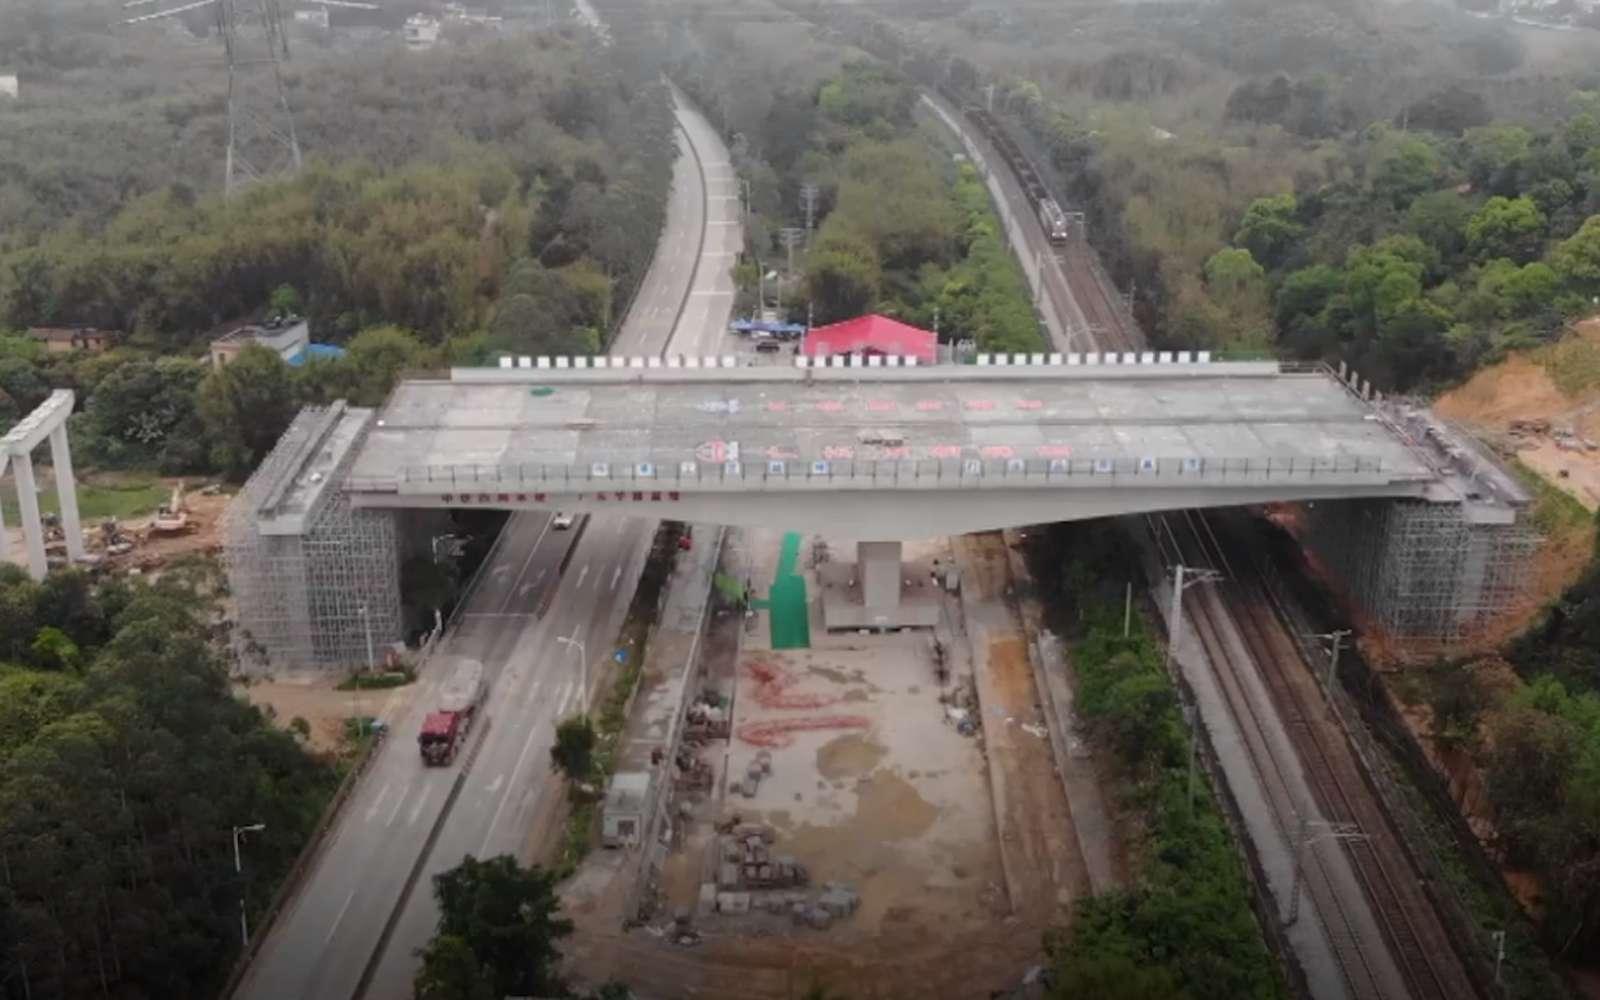 Ce pont pivotant de 100 mètres enjambe une voie ferrée et une autoroute. © CGTN, capture écran Facebook